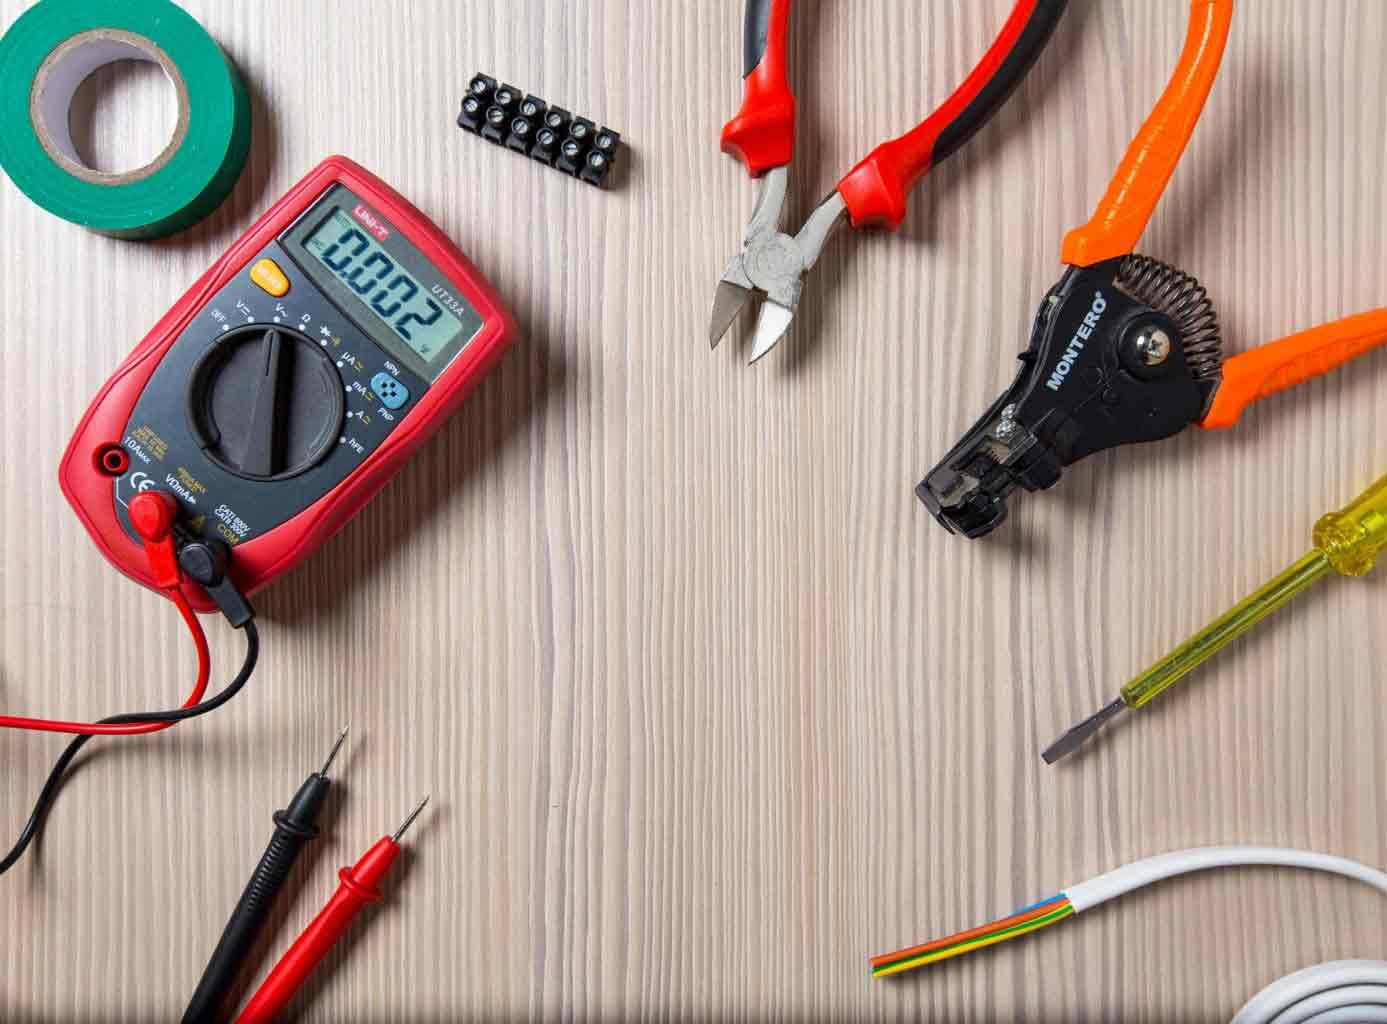 Home Electrical Repairs Kalamazoo & Grand Rapids MI   The Repairman, LLC